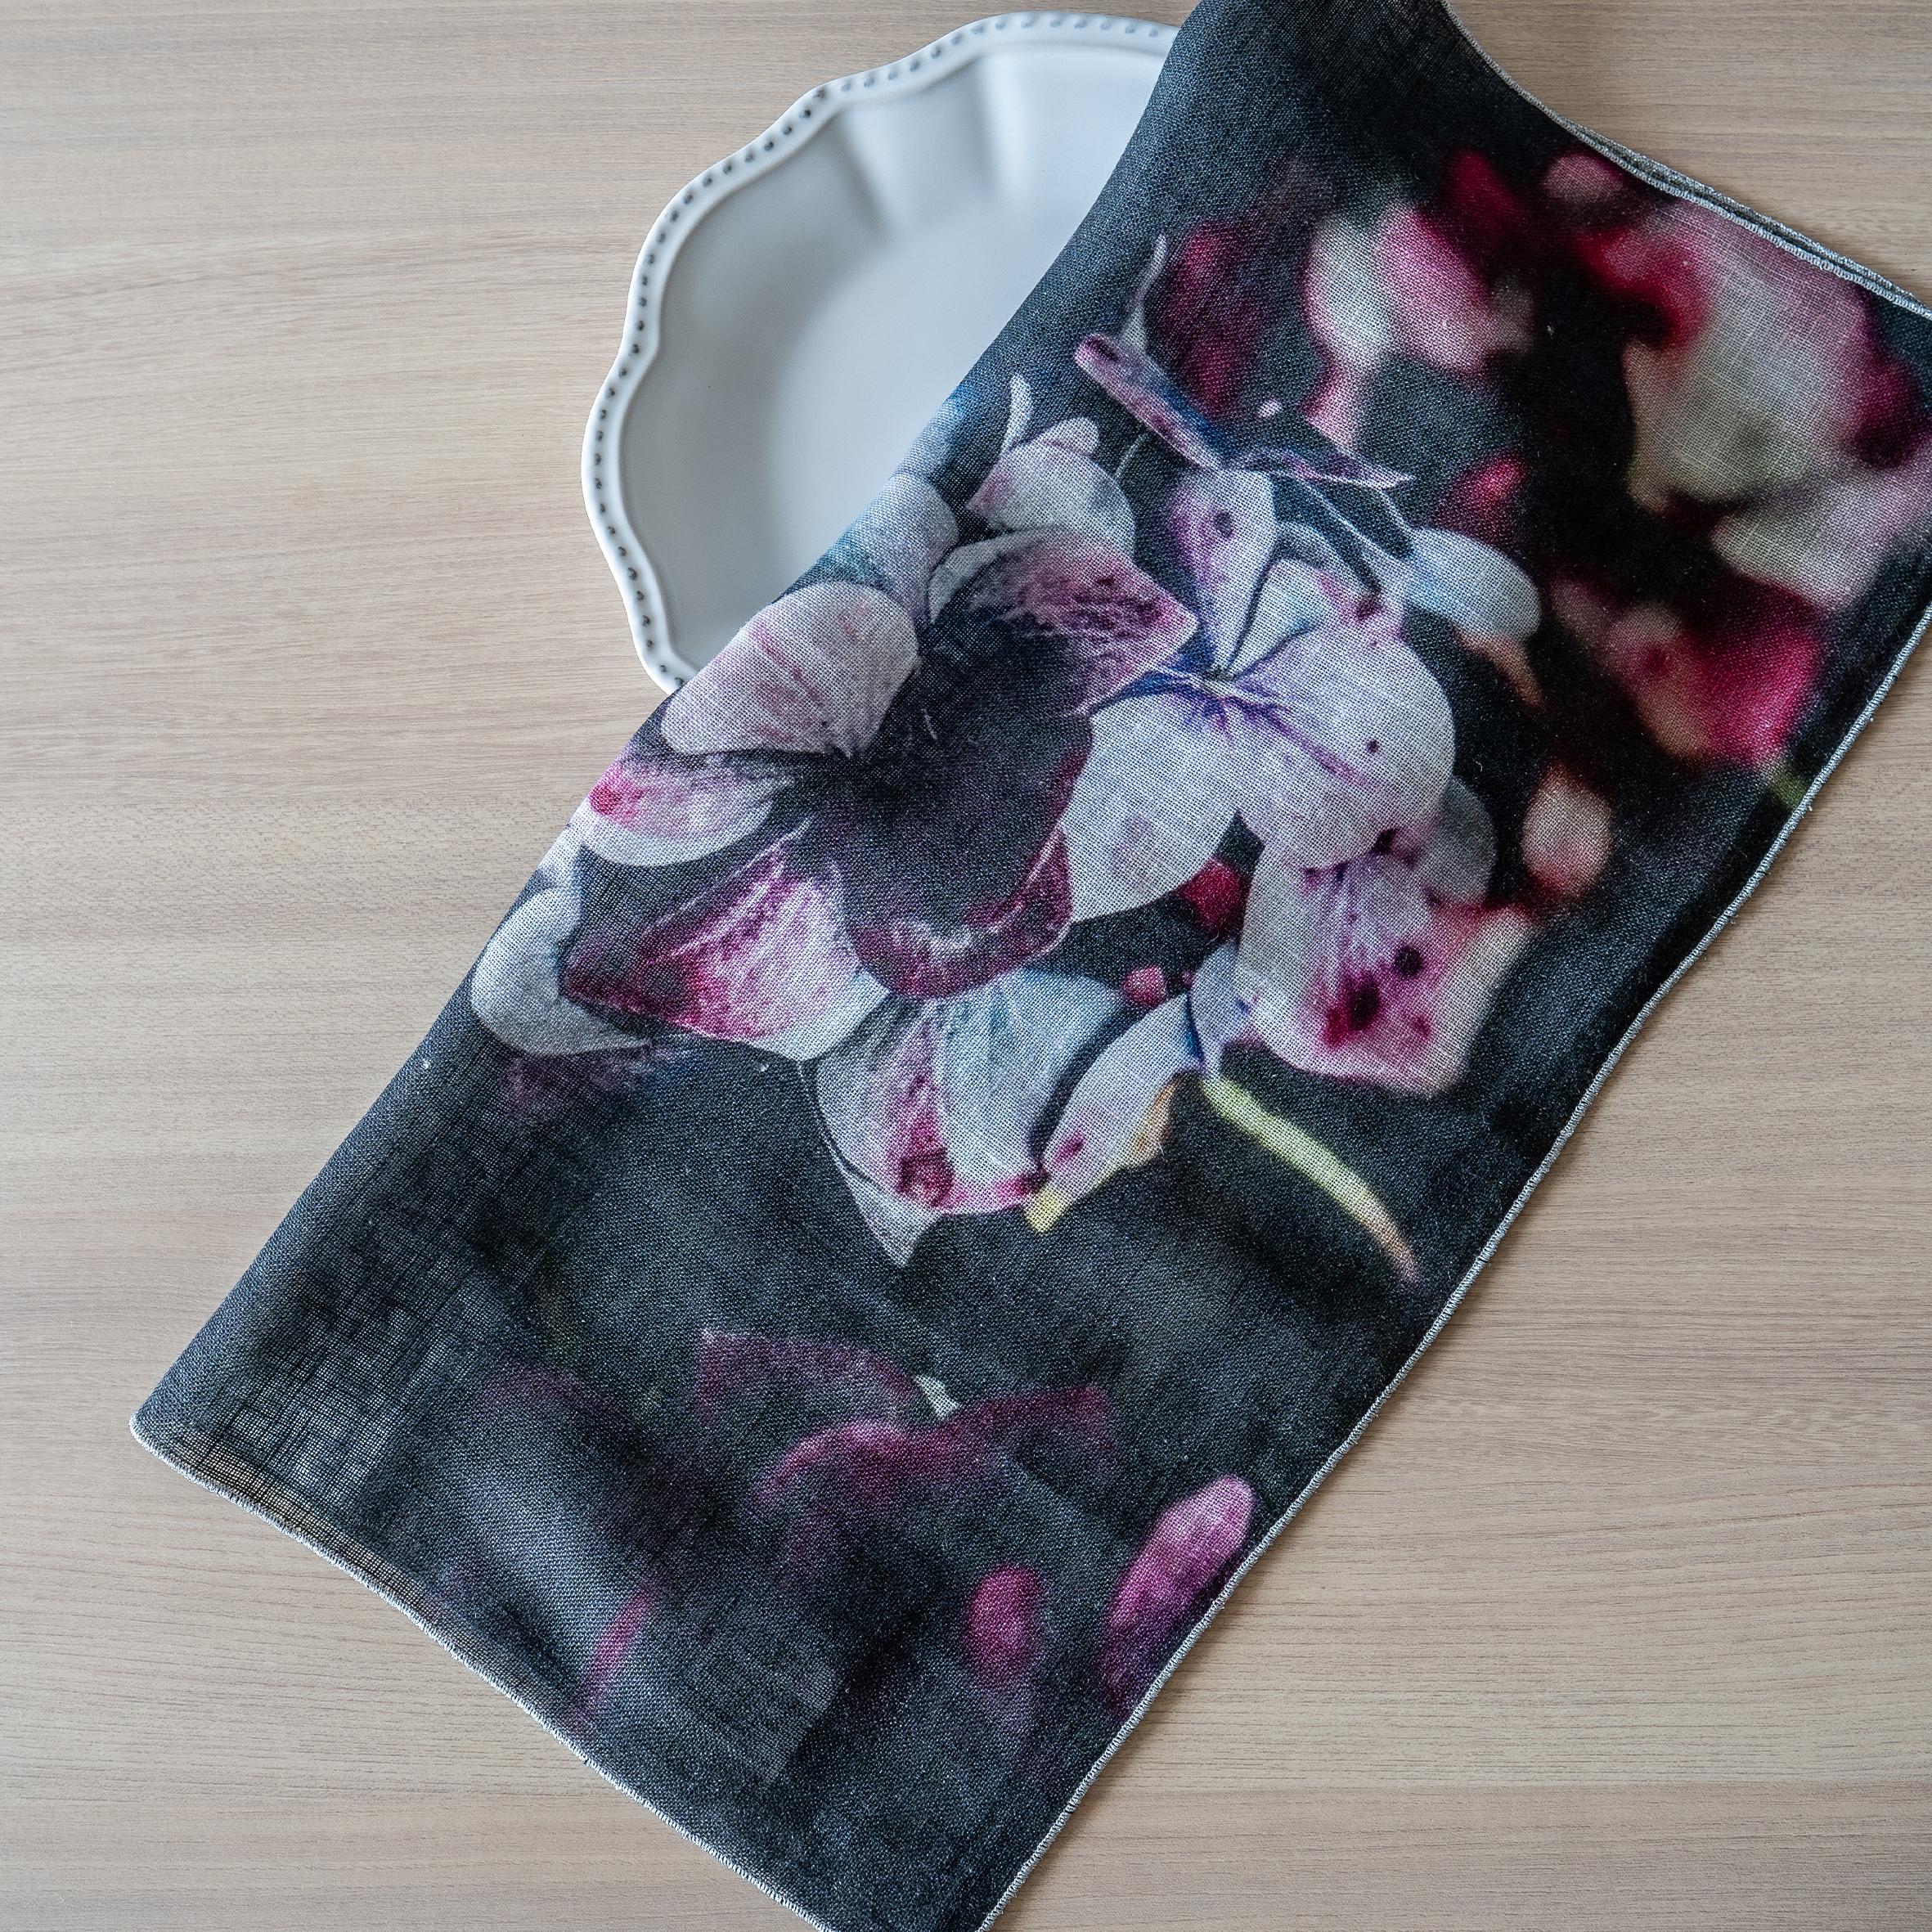 ボルゴ ピュアリネンガーゼナプキン - Petali Ombre( BORGO Pure linen gauze napkin )